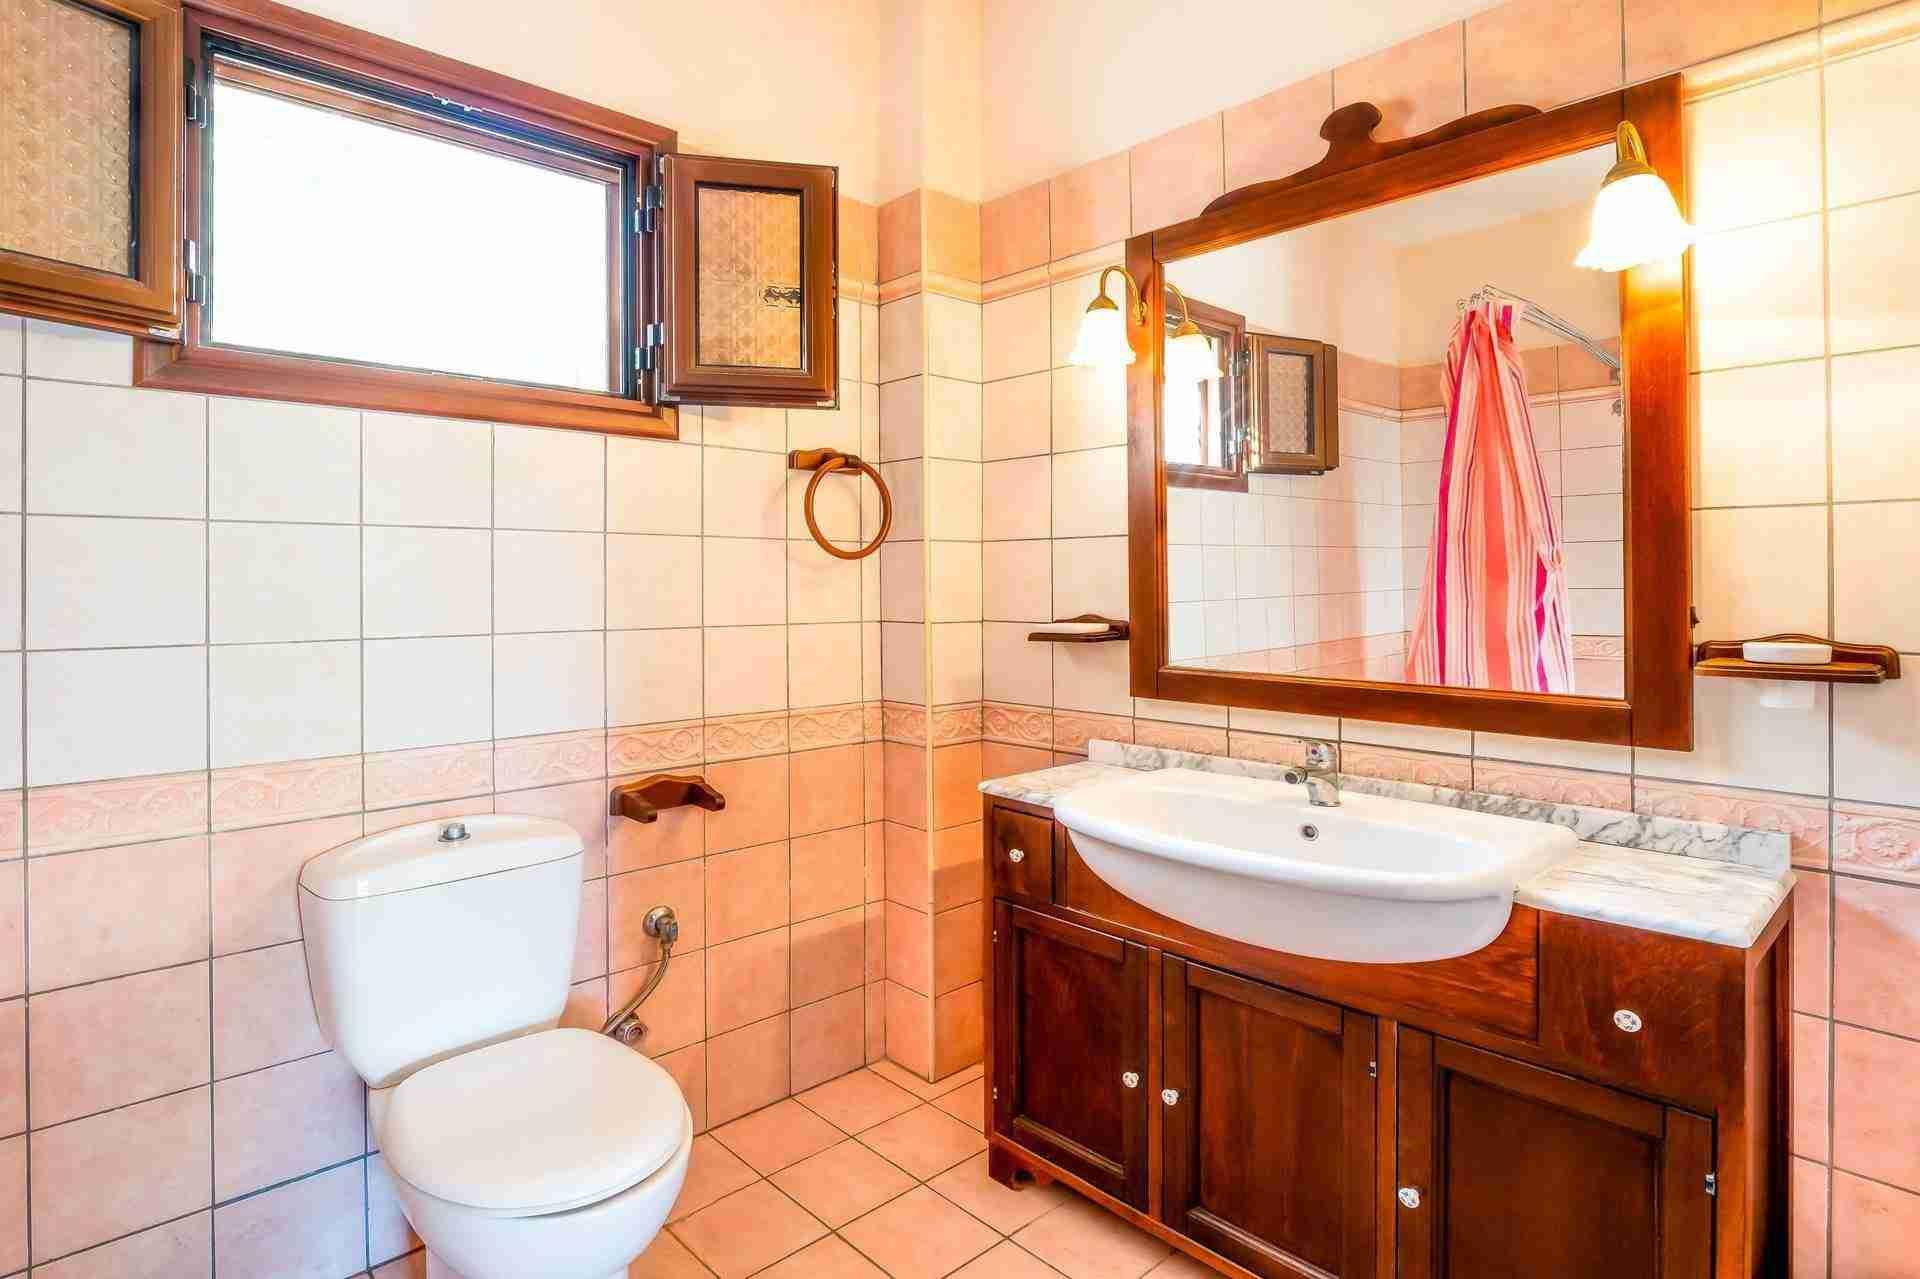 16 Febe bathroom